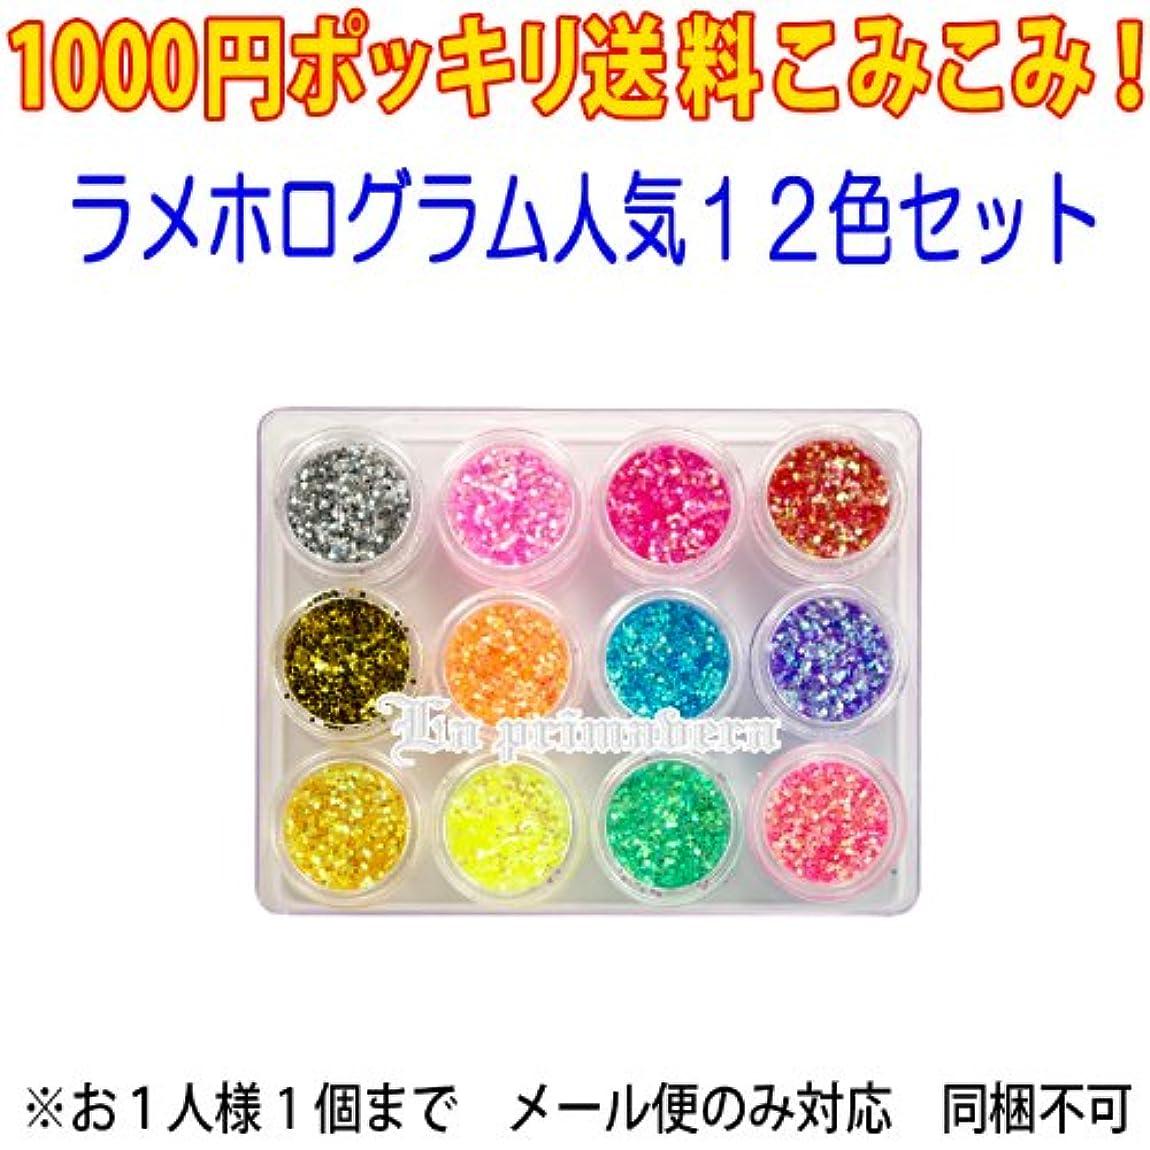 不格好おなじみの無限大ホログラム12色セット (mail-JH-set)